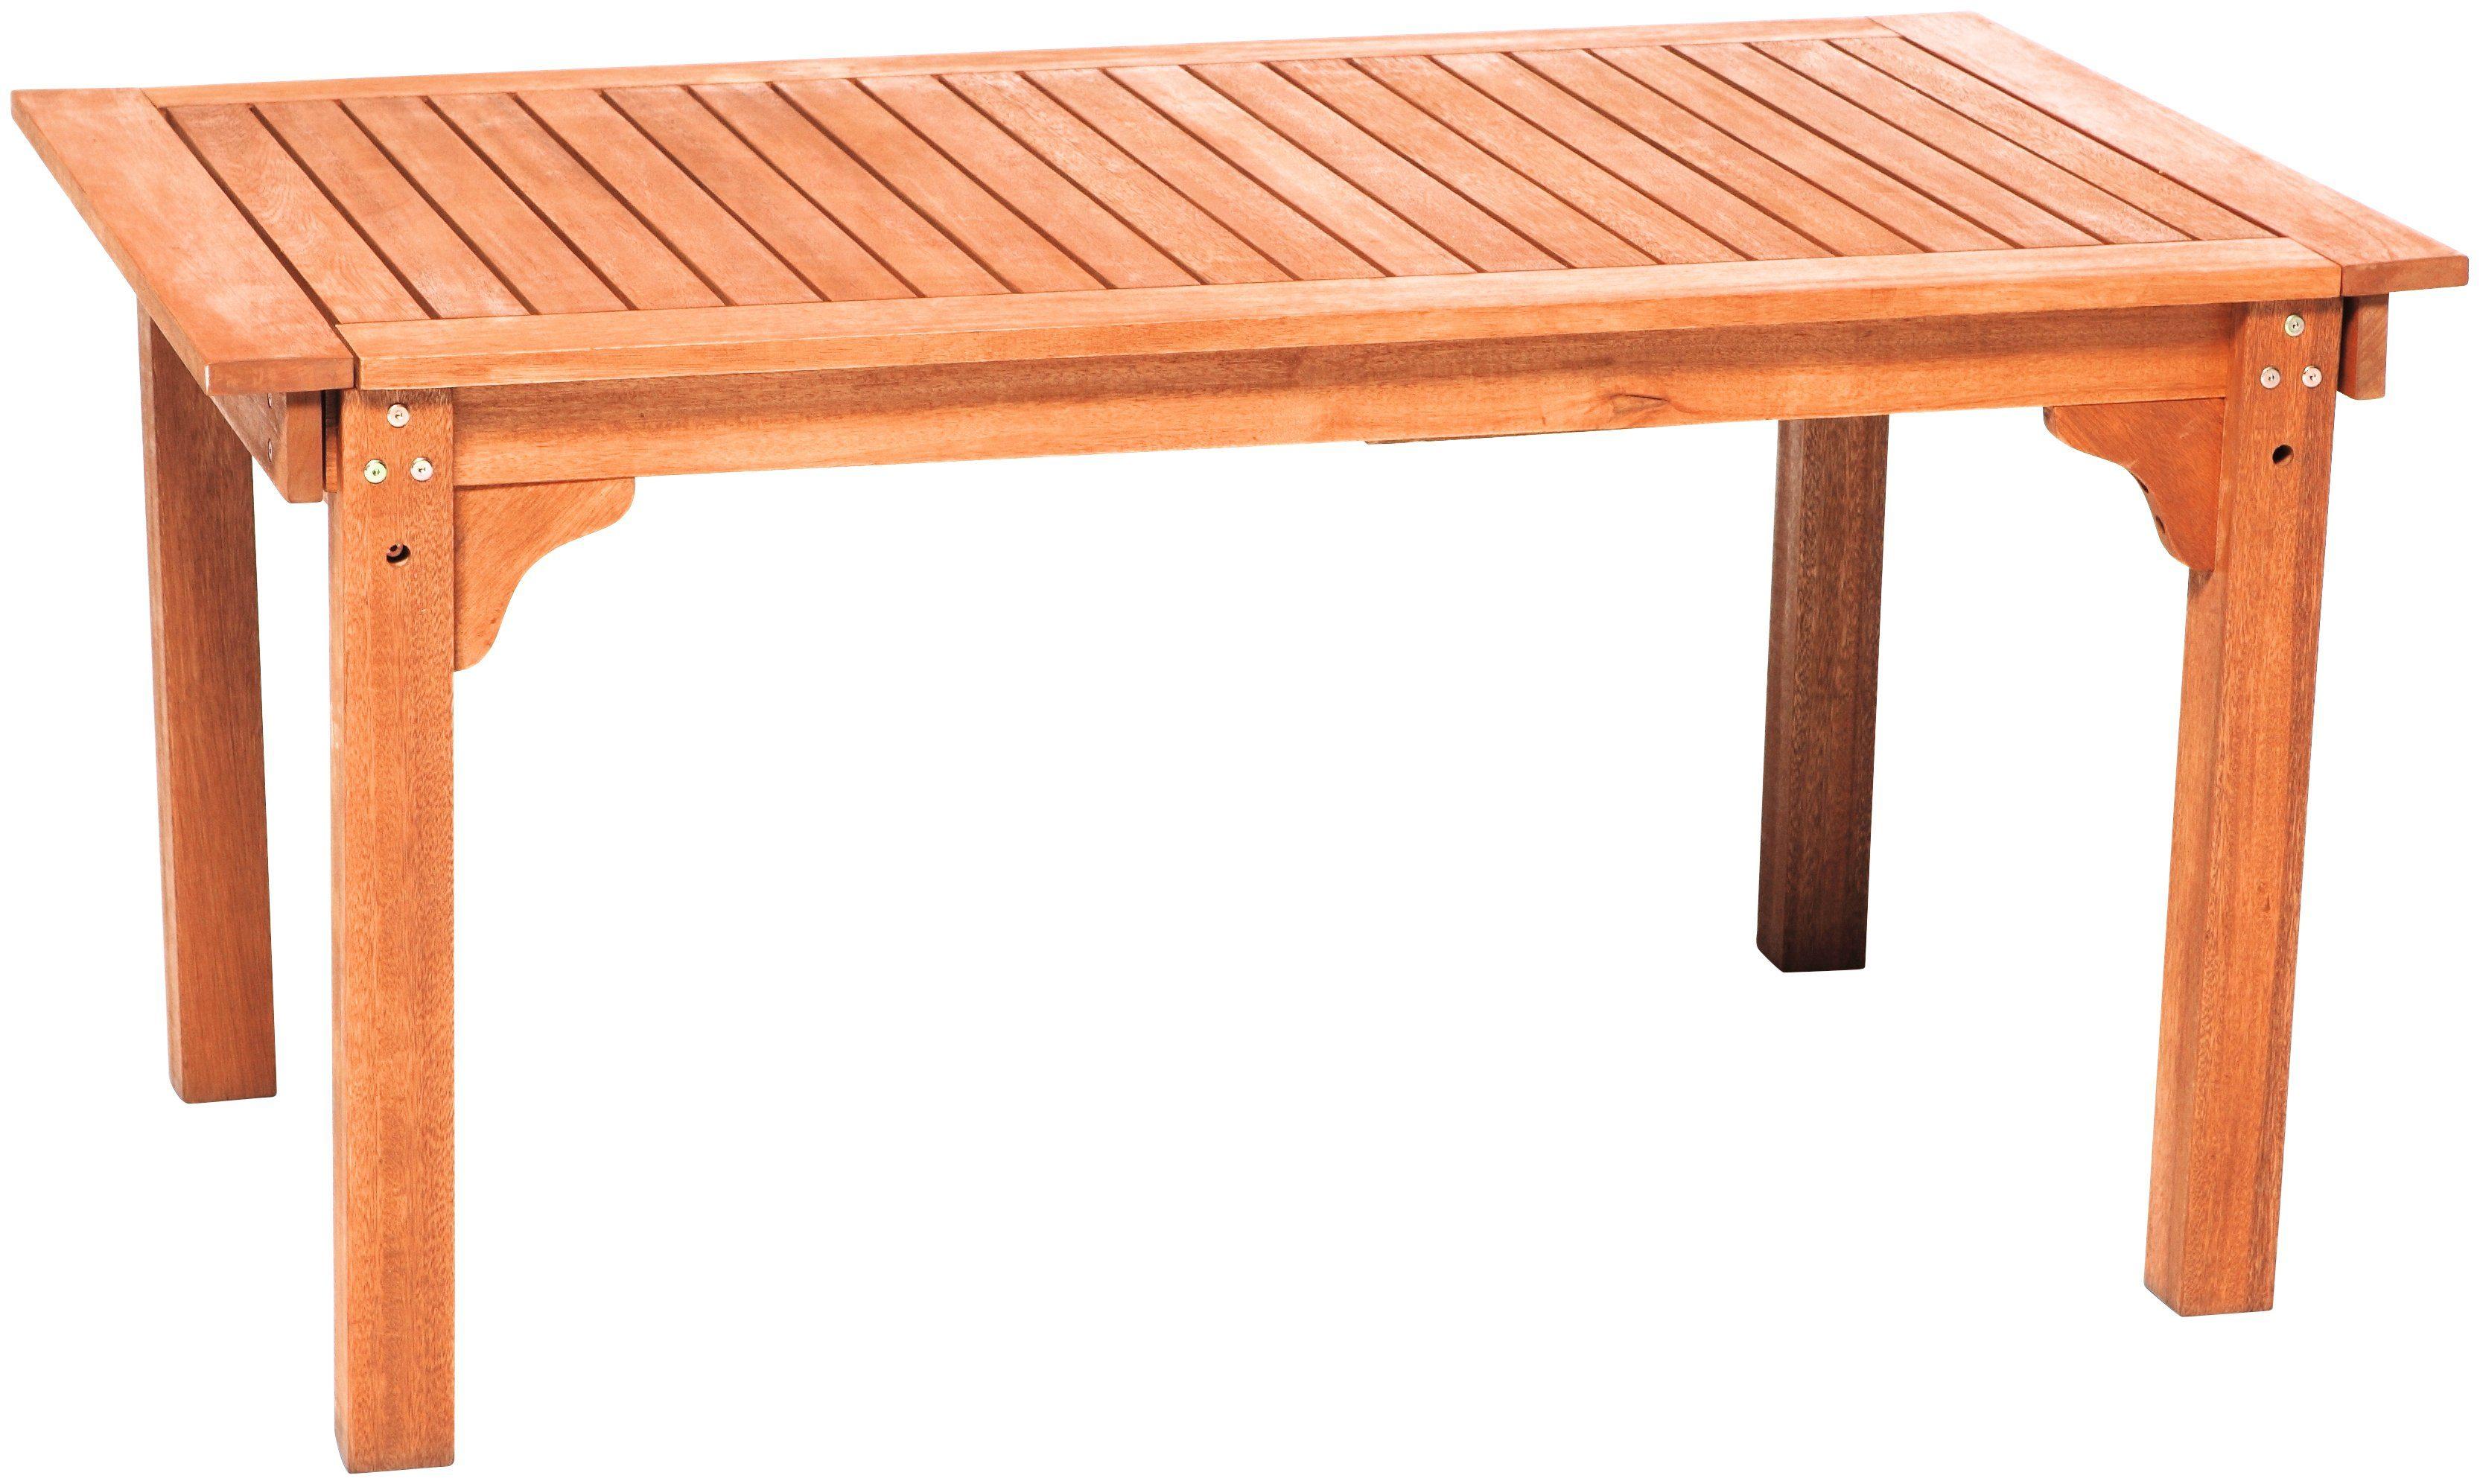 MERXX Gartentisch , Eukalyptus, ausziehbar, 220x90 cm, braun